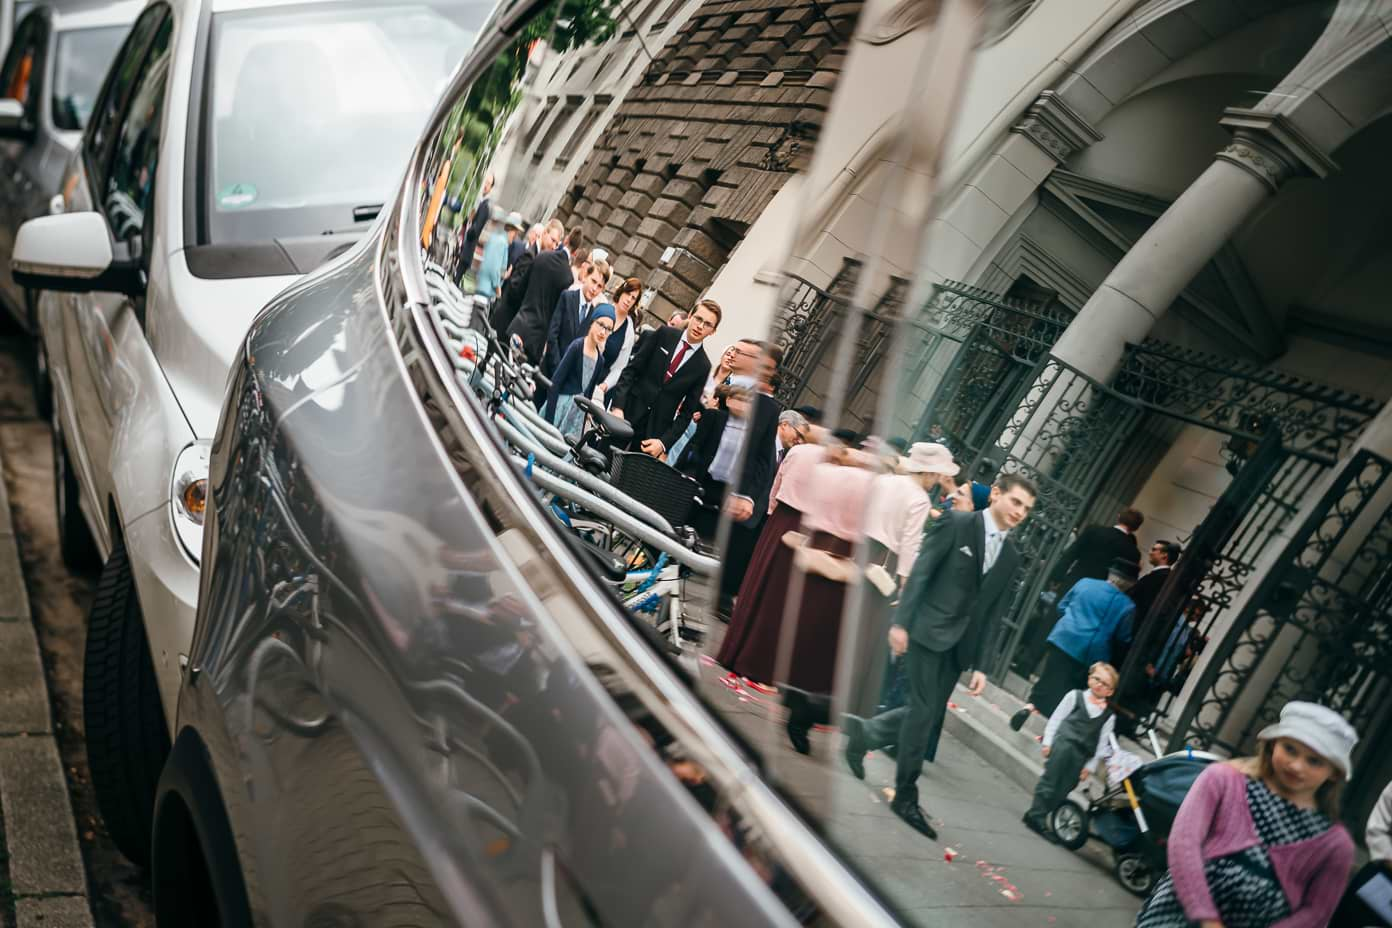 Spiegelung der Gäste in Autoscheibe